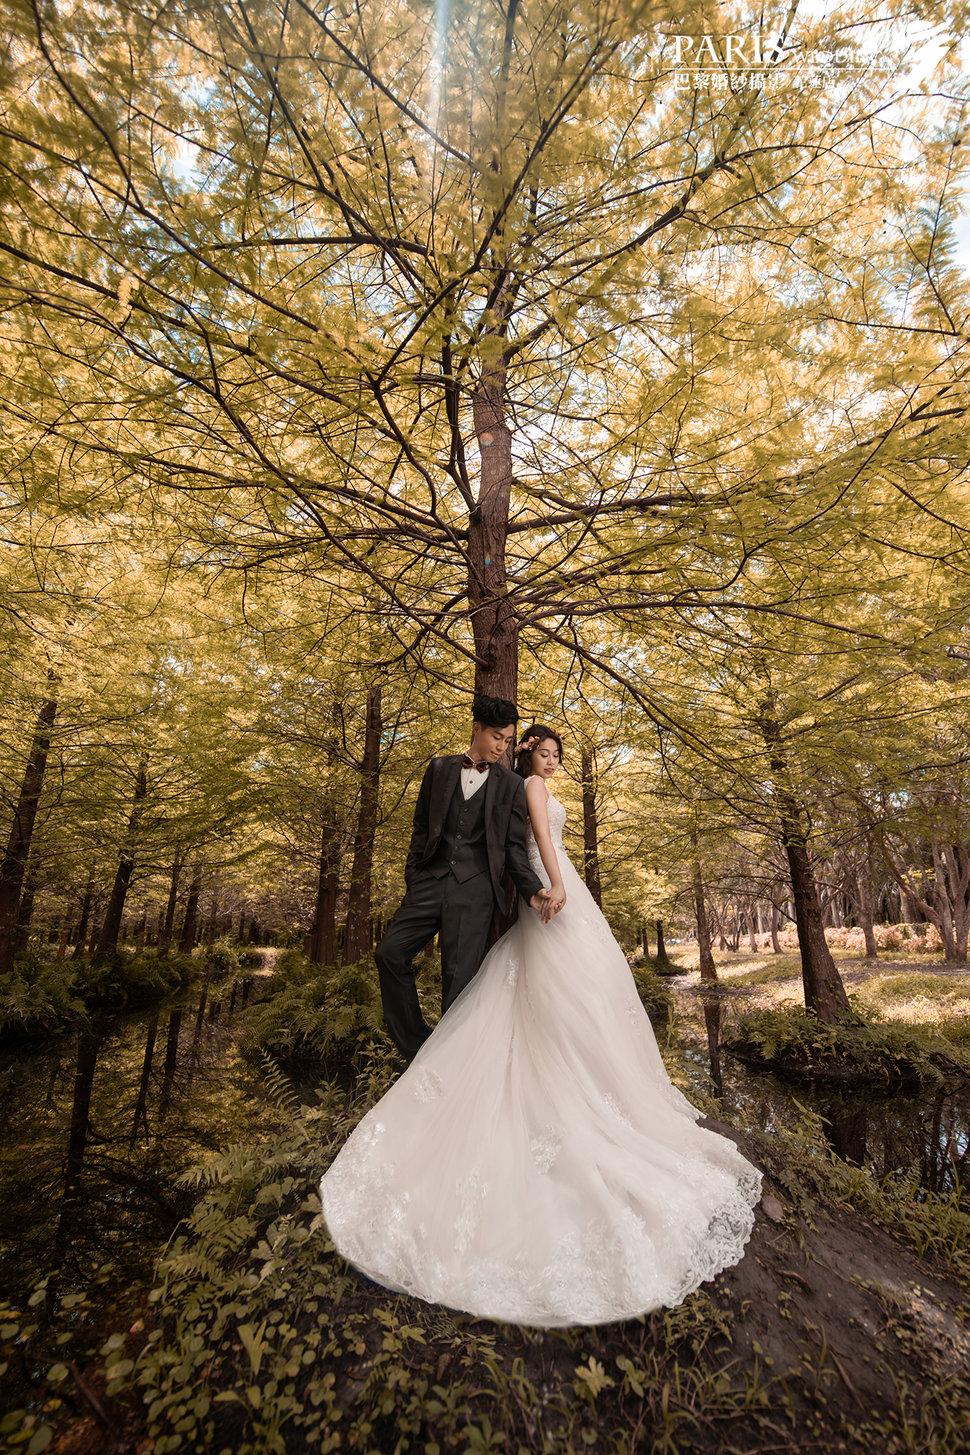 Xu040-2 拷貝 - 花蓮巴黎婚紗攝影《結婚吧》